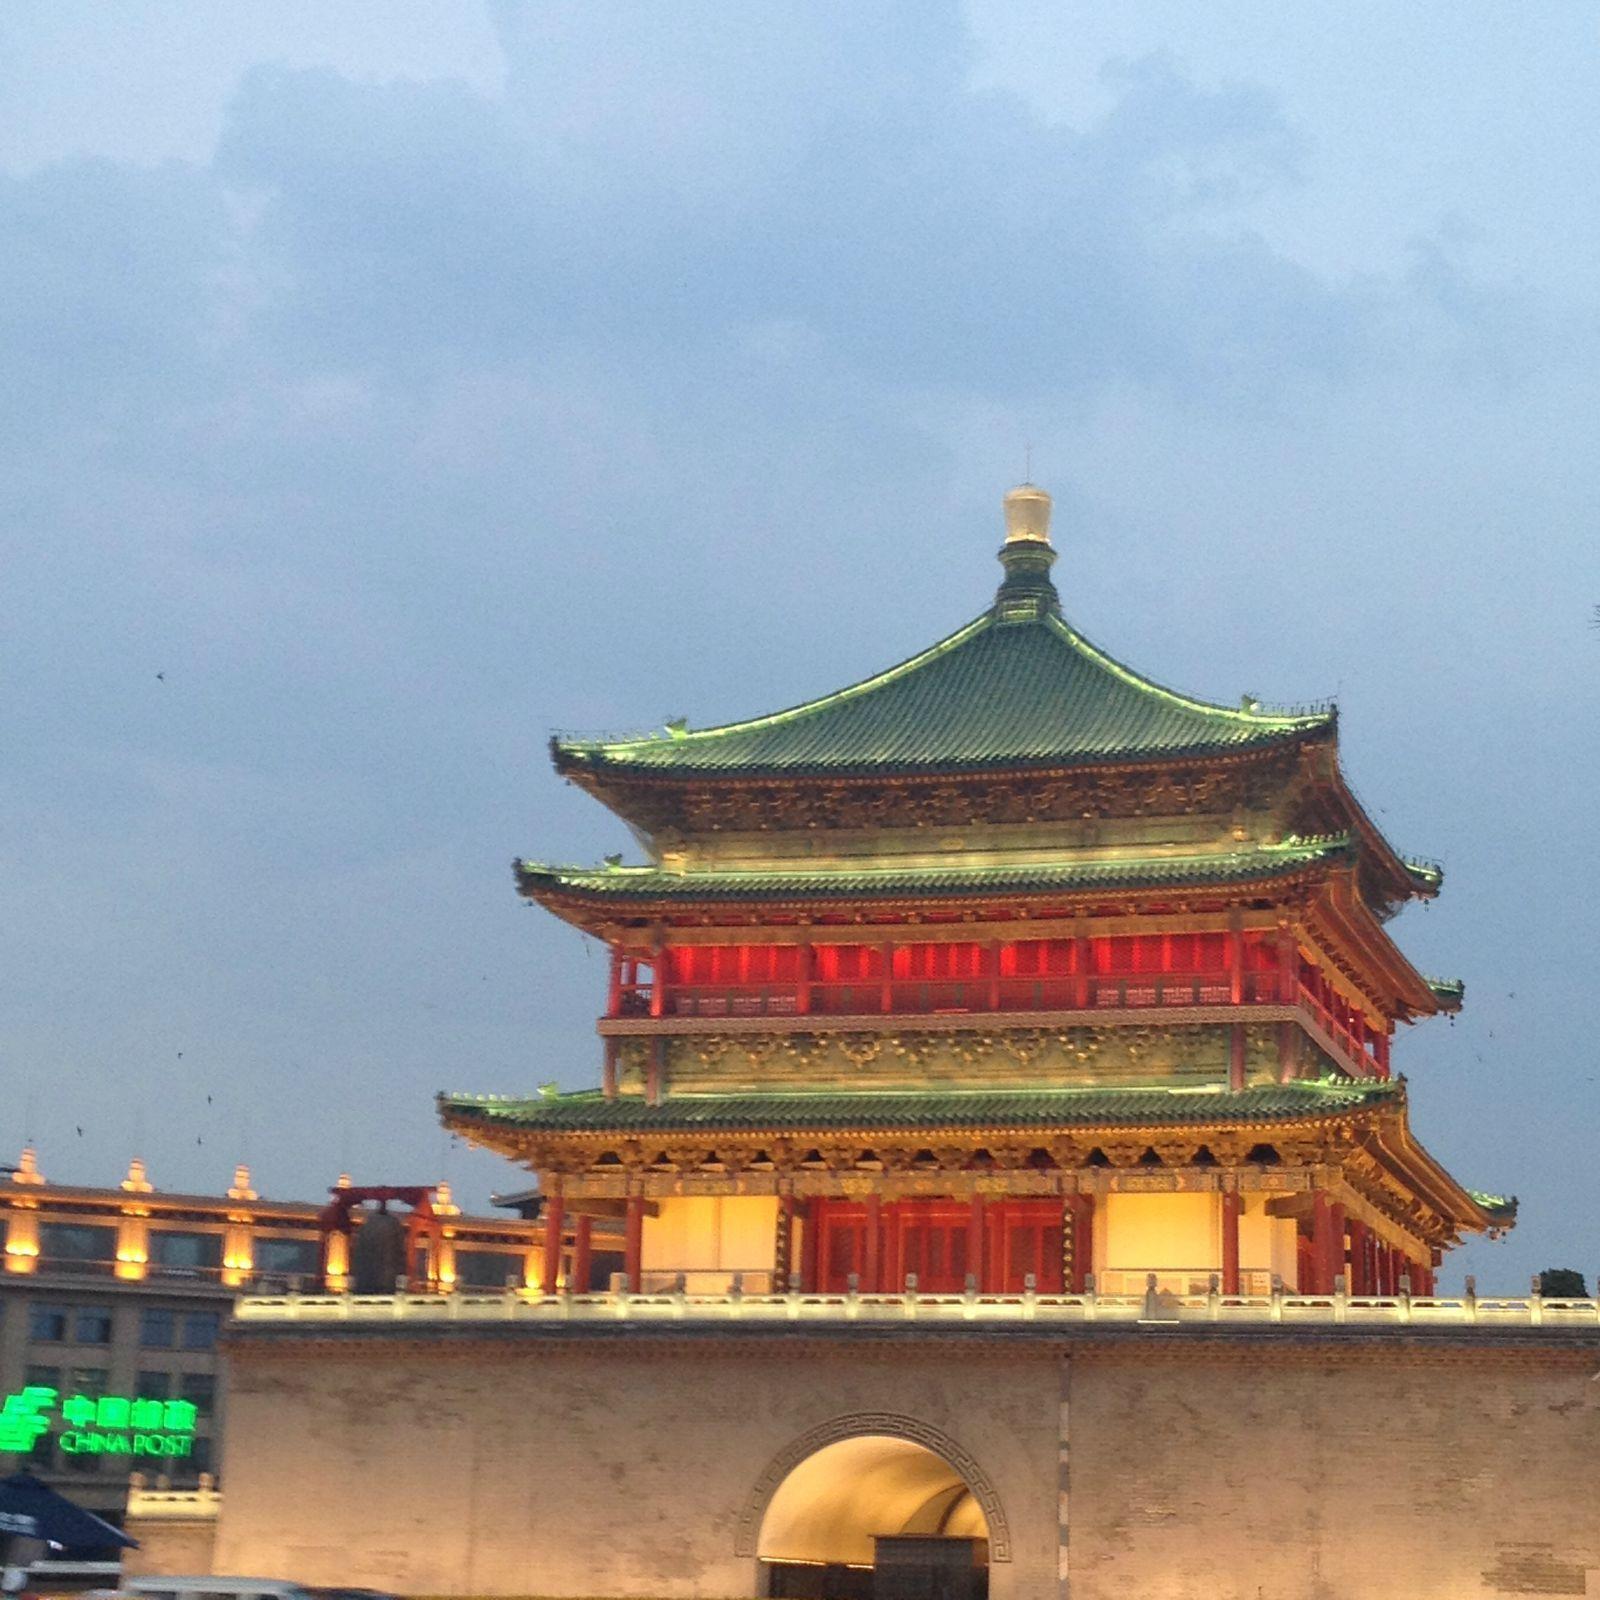 在偷得浮生半日闲的古代时间里,我的主要任务就是:吃! 西安钟楼